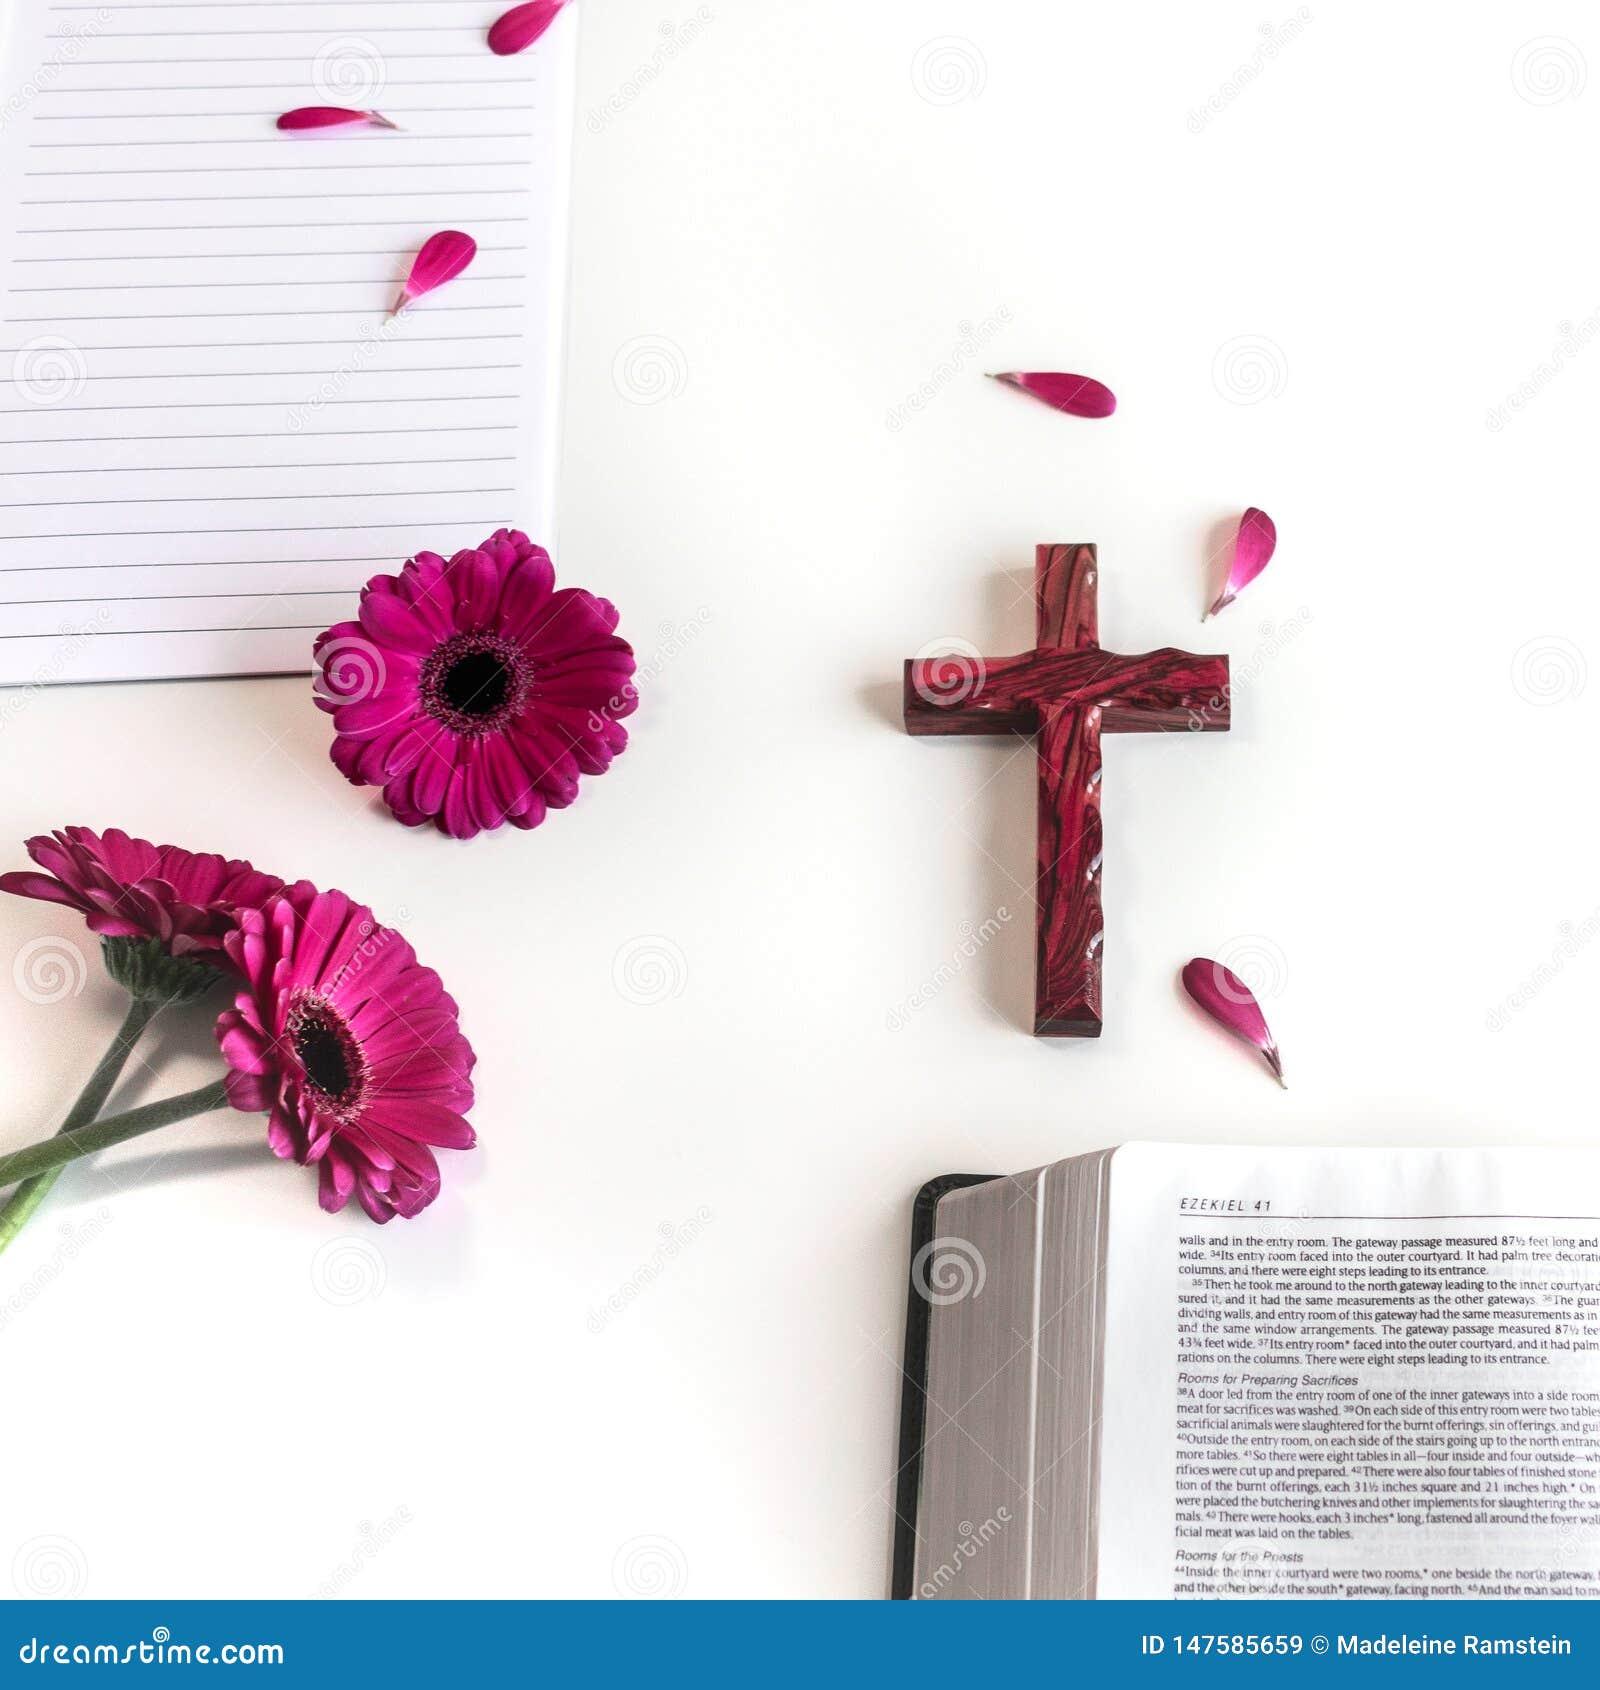 Configuração lisa: a Bíblia aberta, livro, cruz de madeira e rosa, roxos, violette, flor vermelha do Gerbera com pétalas